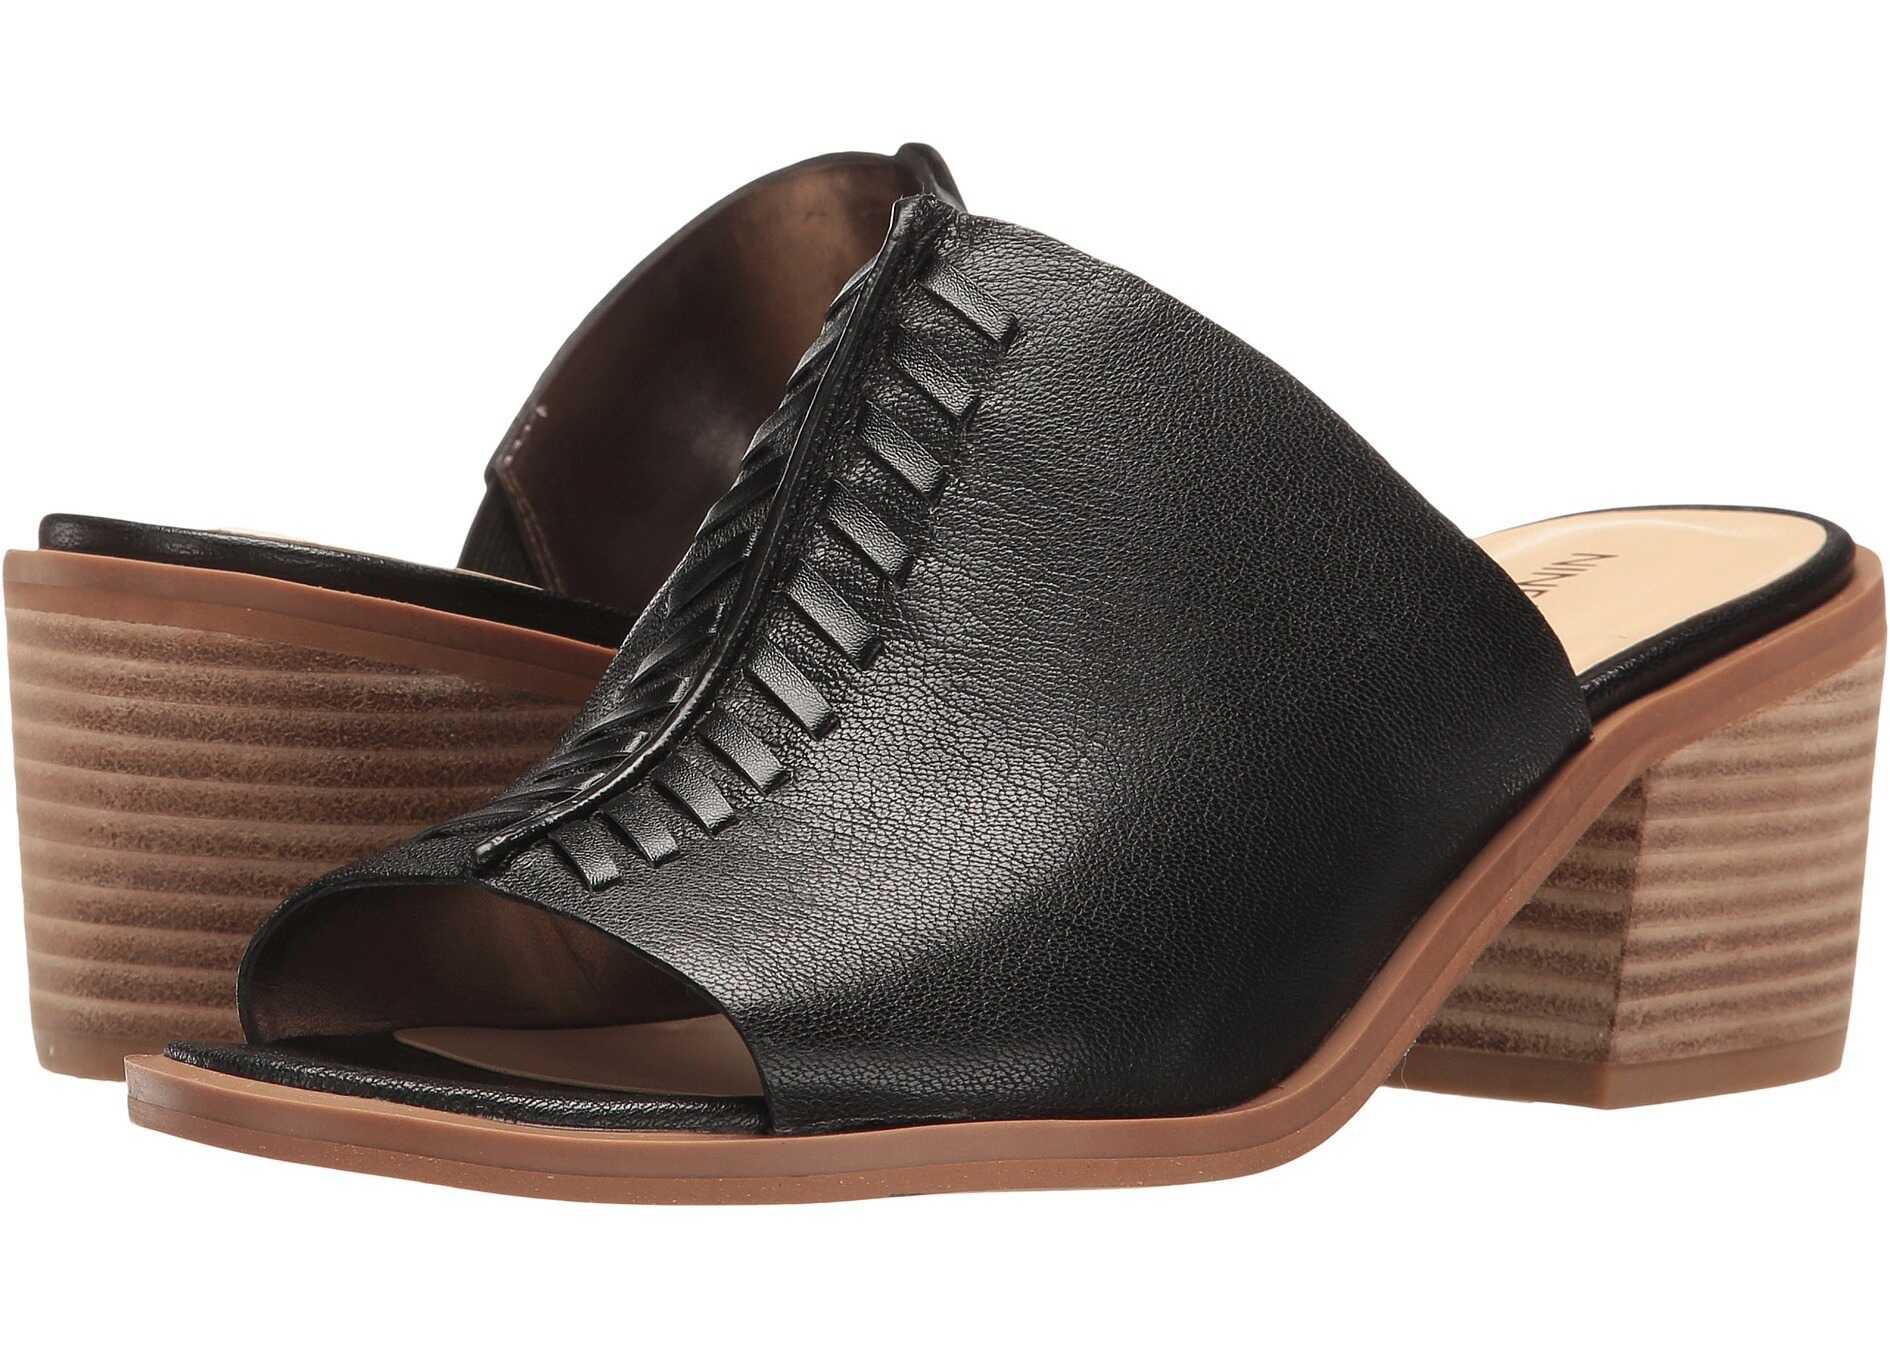 Nine West Rahima Black Leather